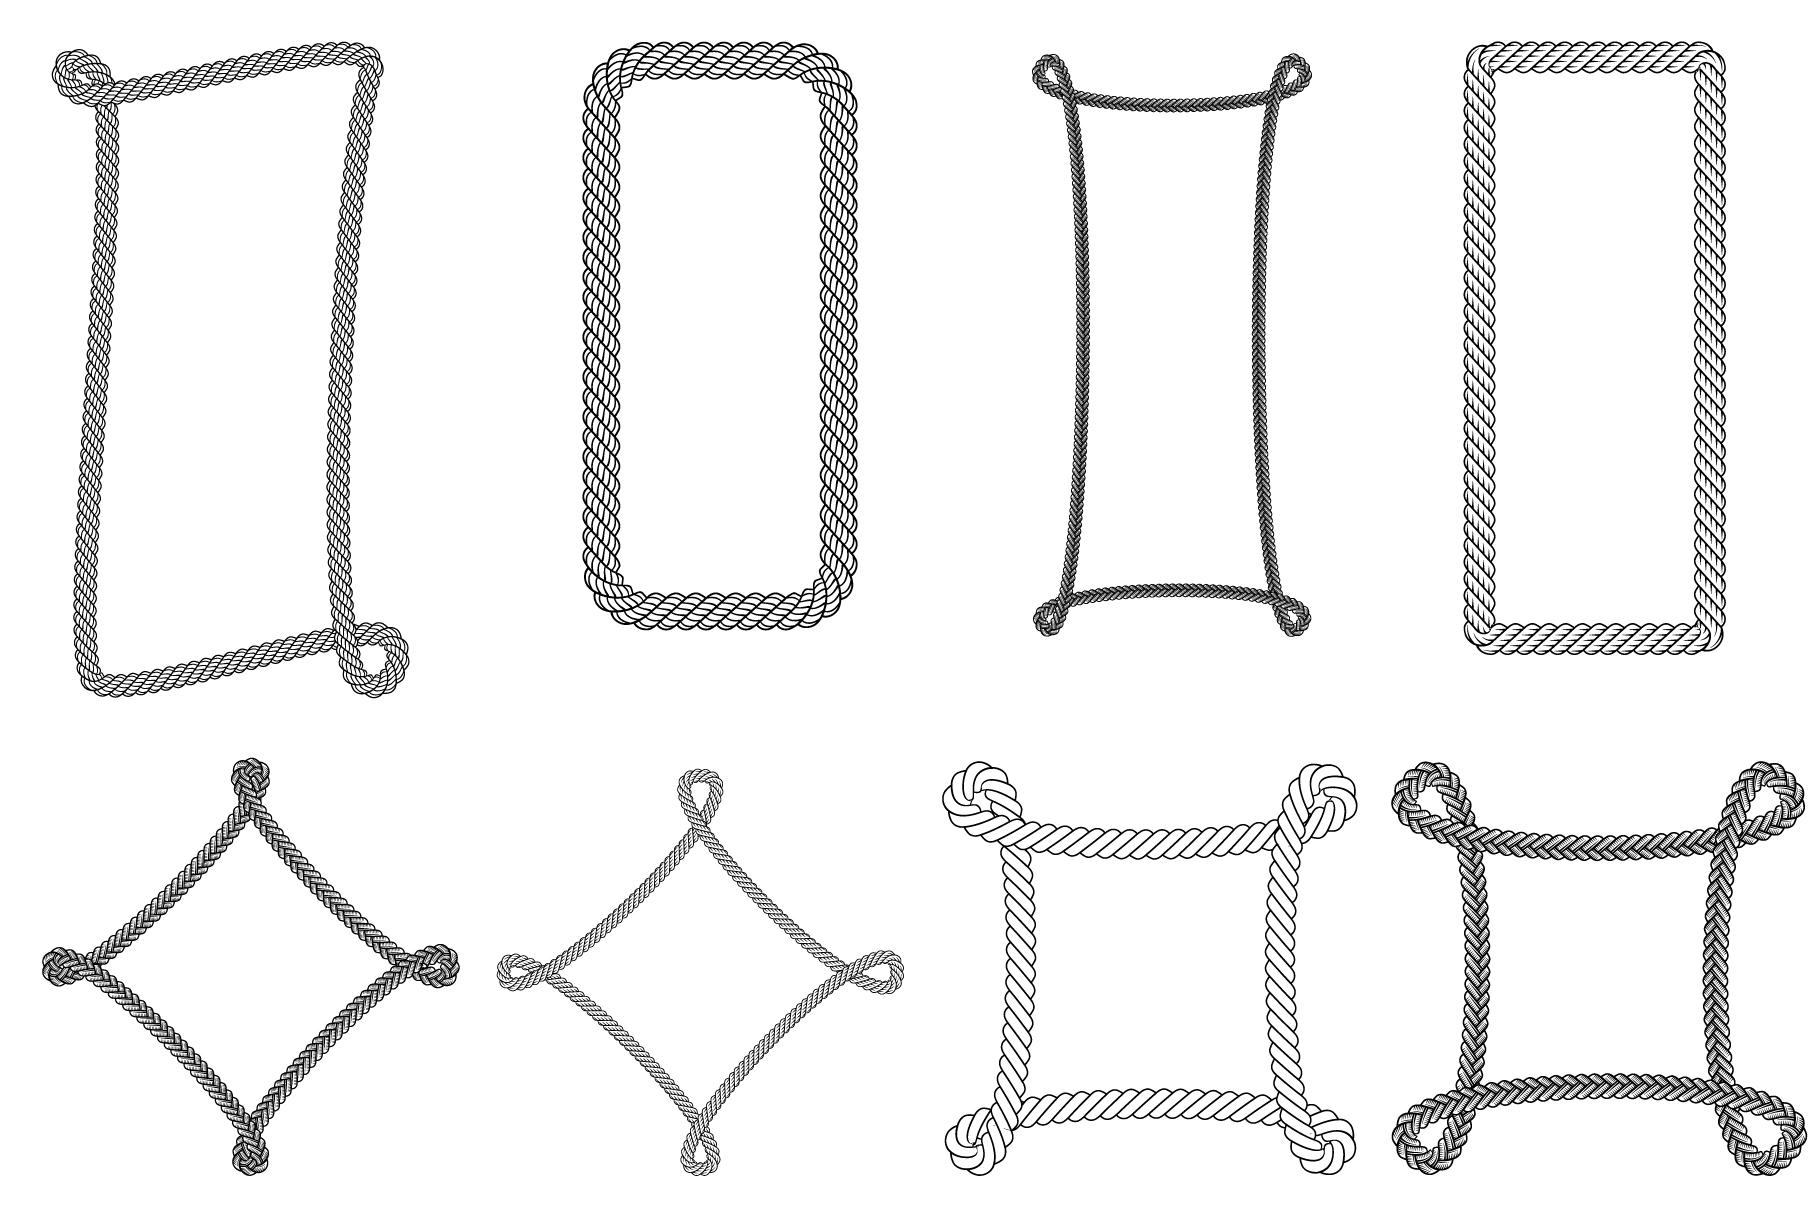 13 Rope Brush for Adobe Illustrator